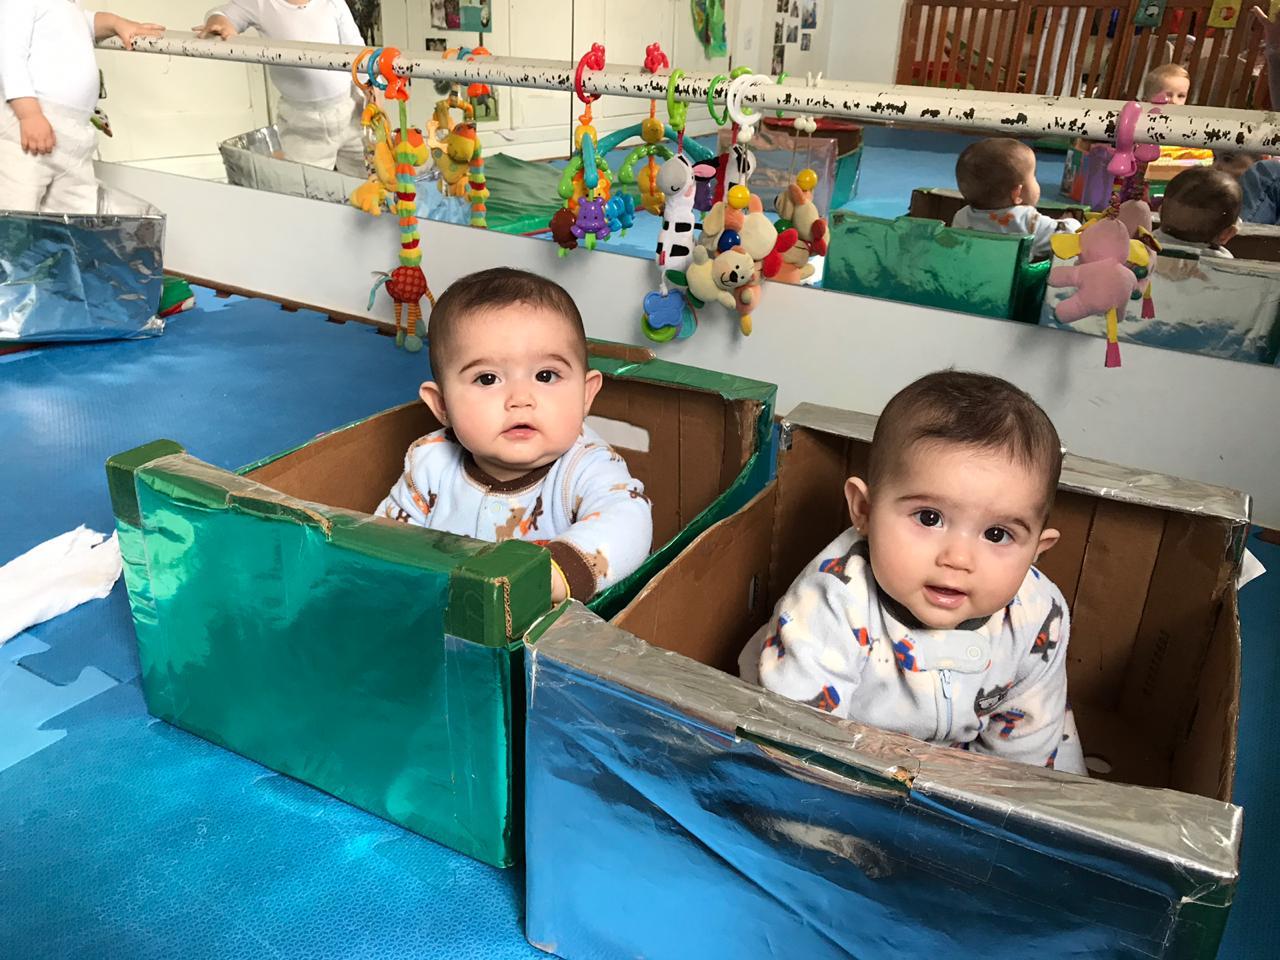 No berçário procuramos estimular o desenvolvimento integral do bebê, incentivando a curiosidade, o descobrir, inventar, tocar etc. A brincadeira com caixas e histórias infantis são ótimas opções! 👏🏼